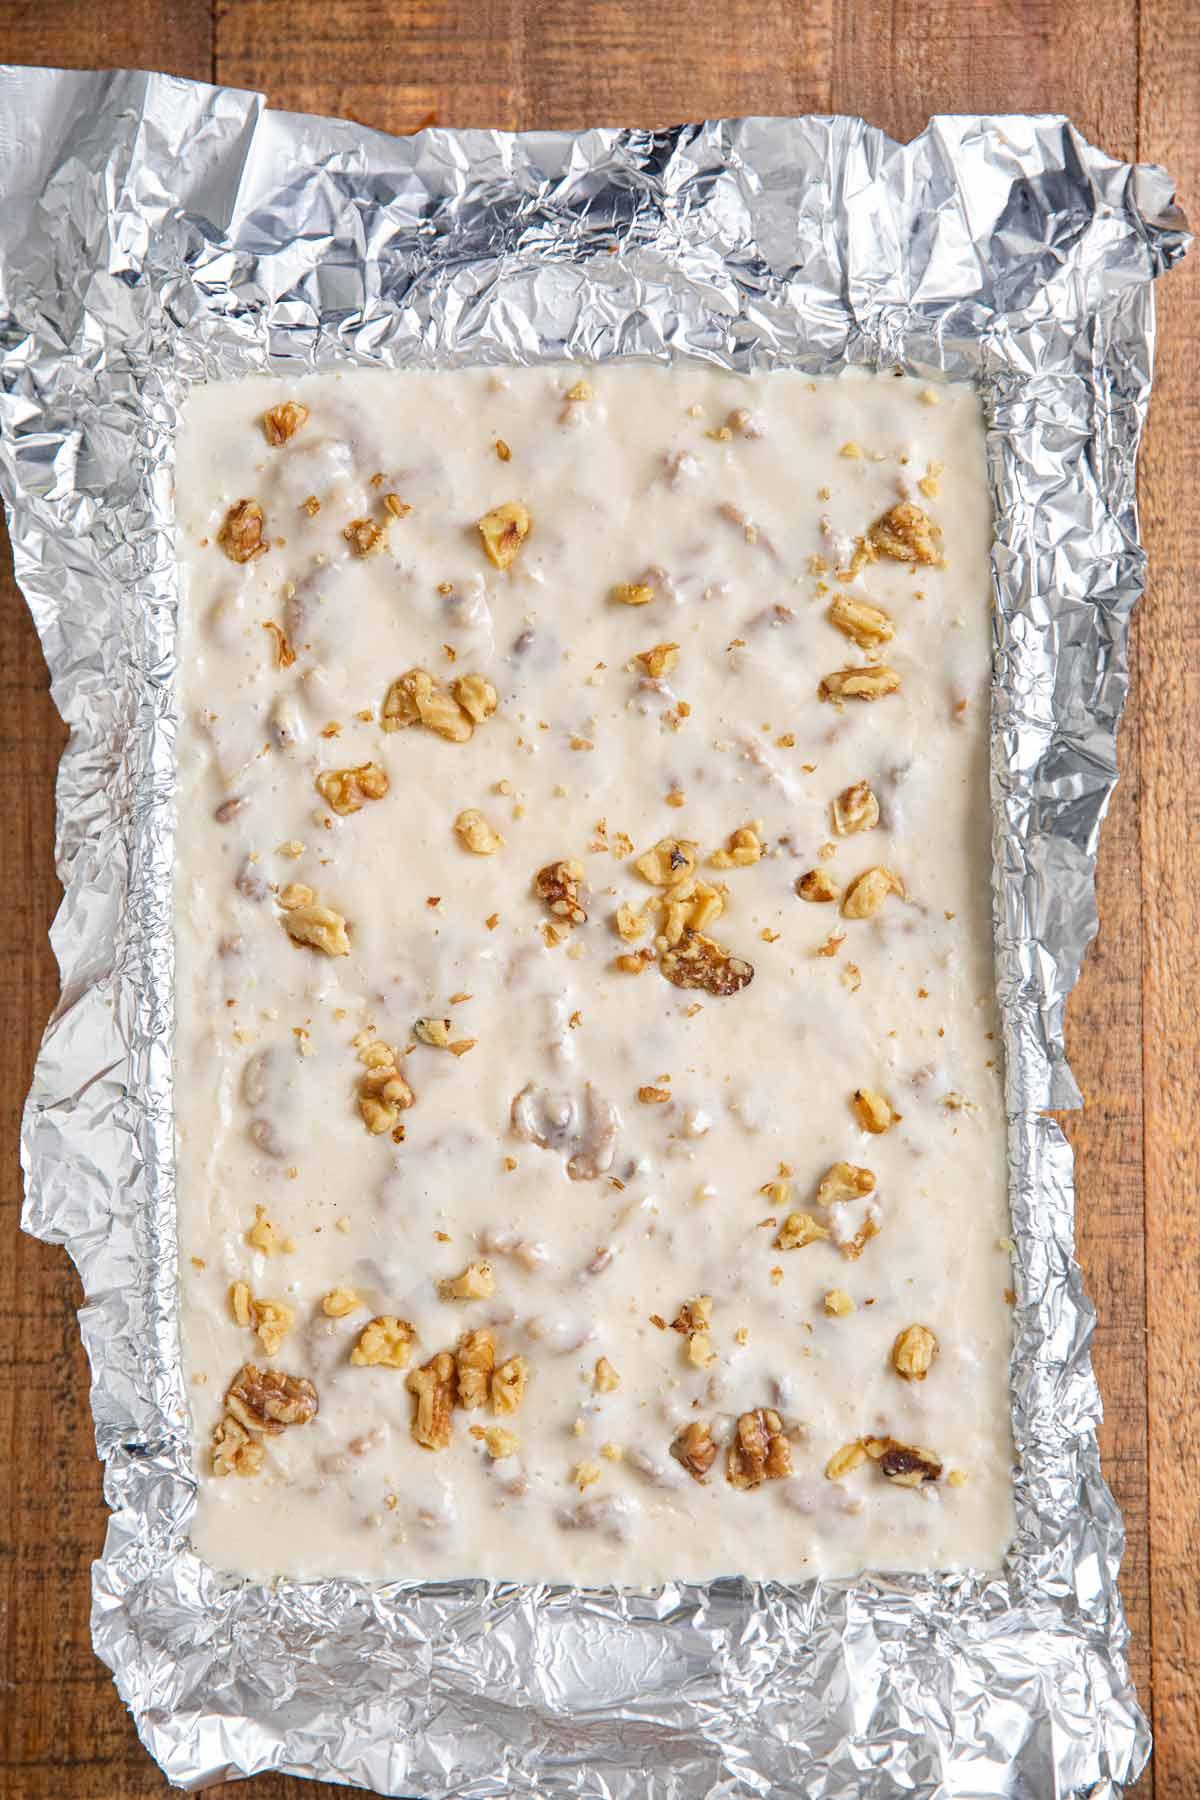 See's Vanilla Walnut Fudge in foil-lined baking dish